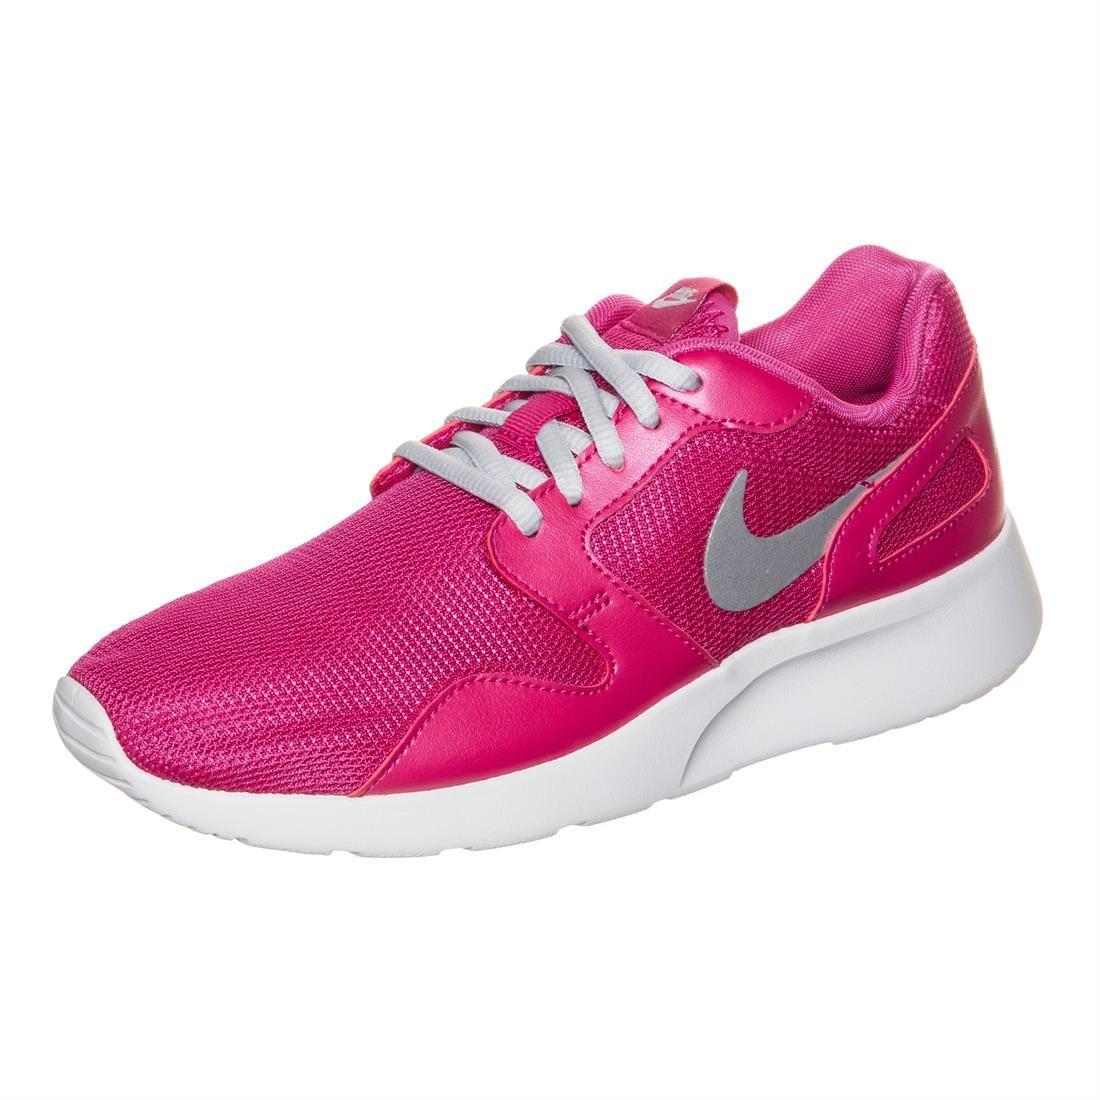 Zapatos rosas Nike Kaishi infantiles FAOSdTrU